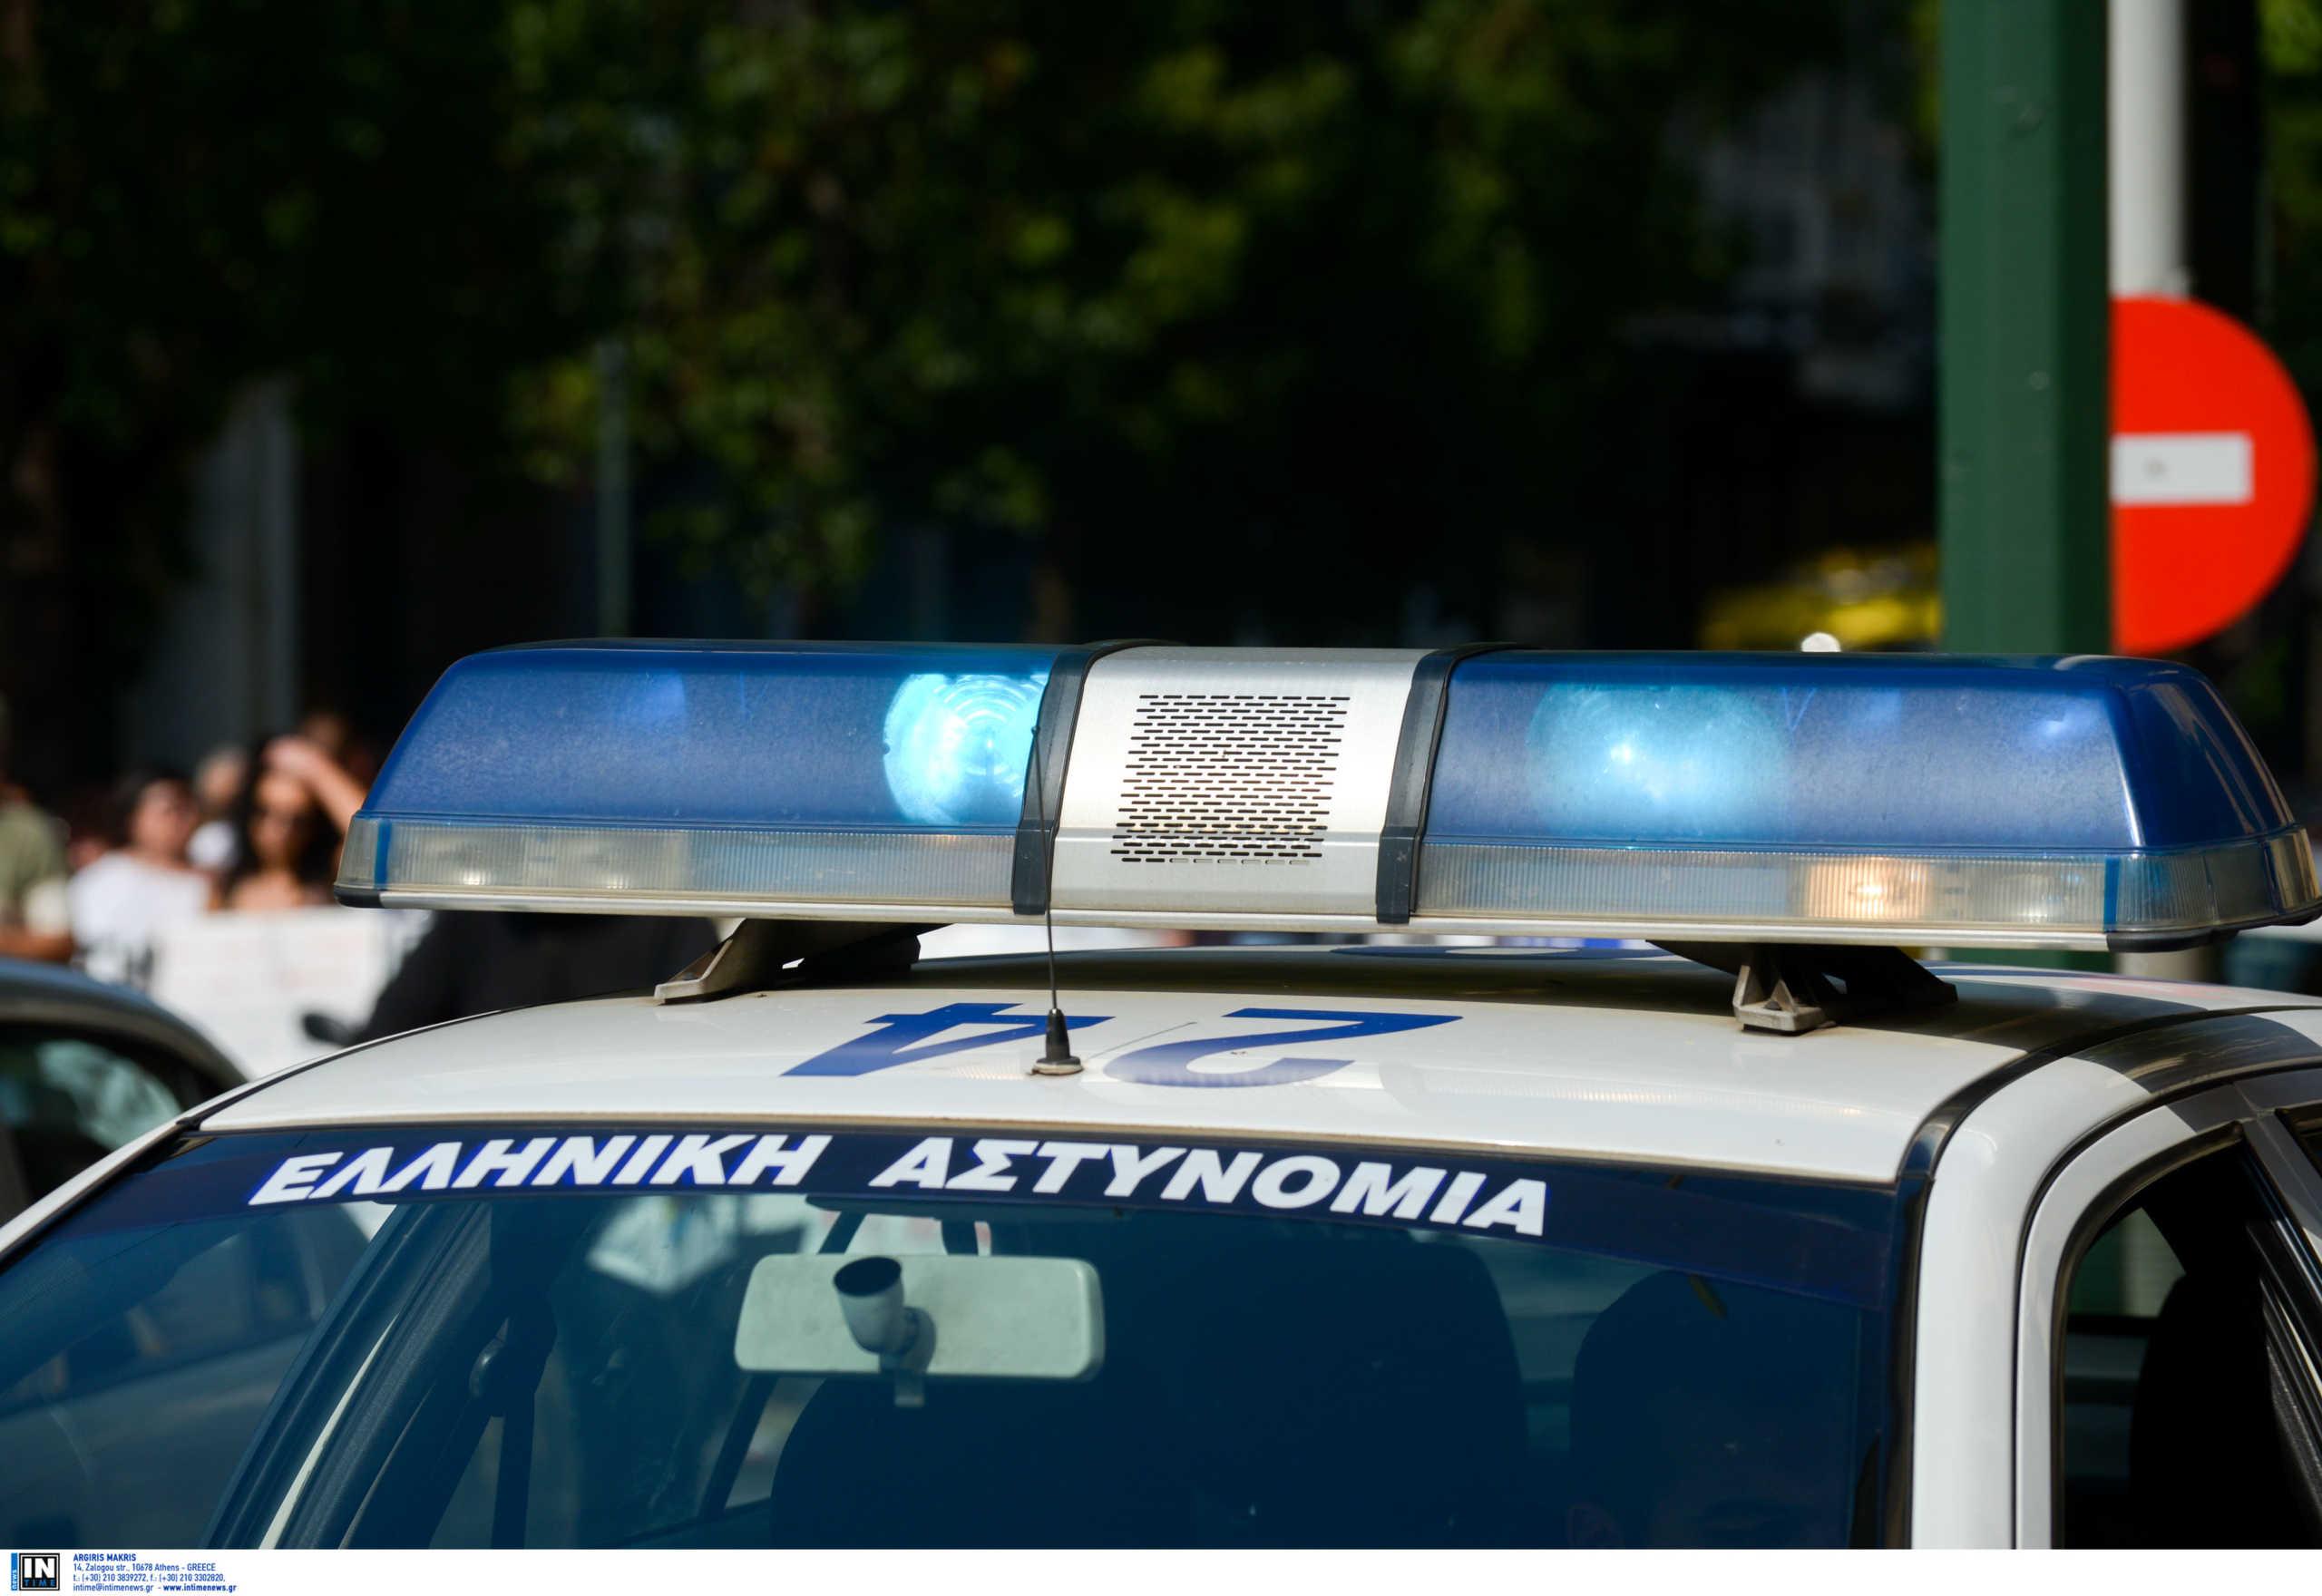 Ανατροπή με το θάνατο 81χρονου στο Πέραμα – Ερευνούν δολοφονία